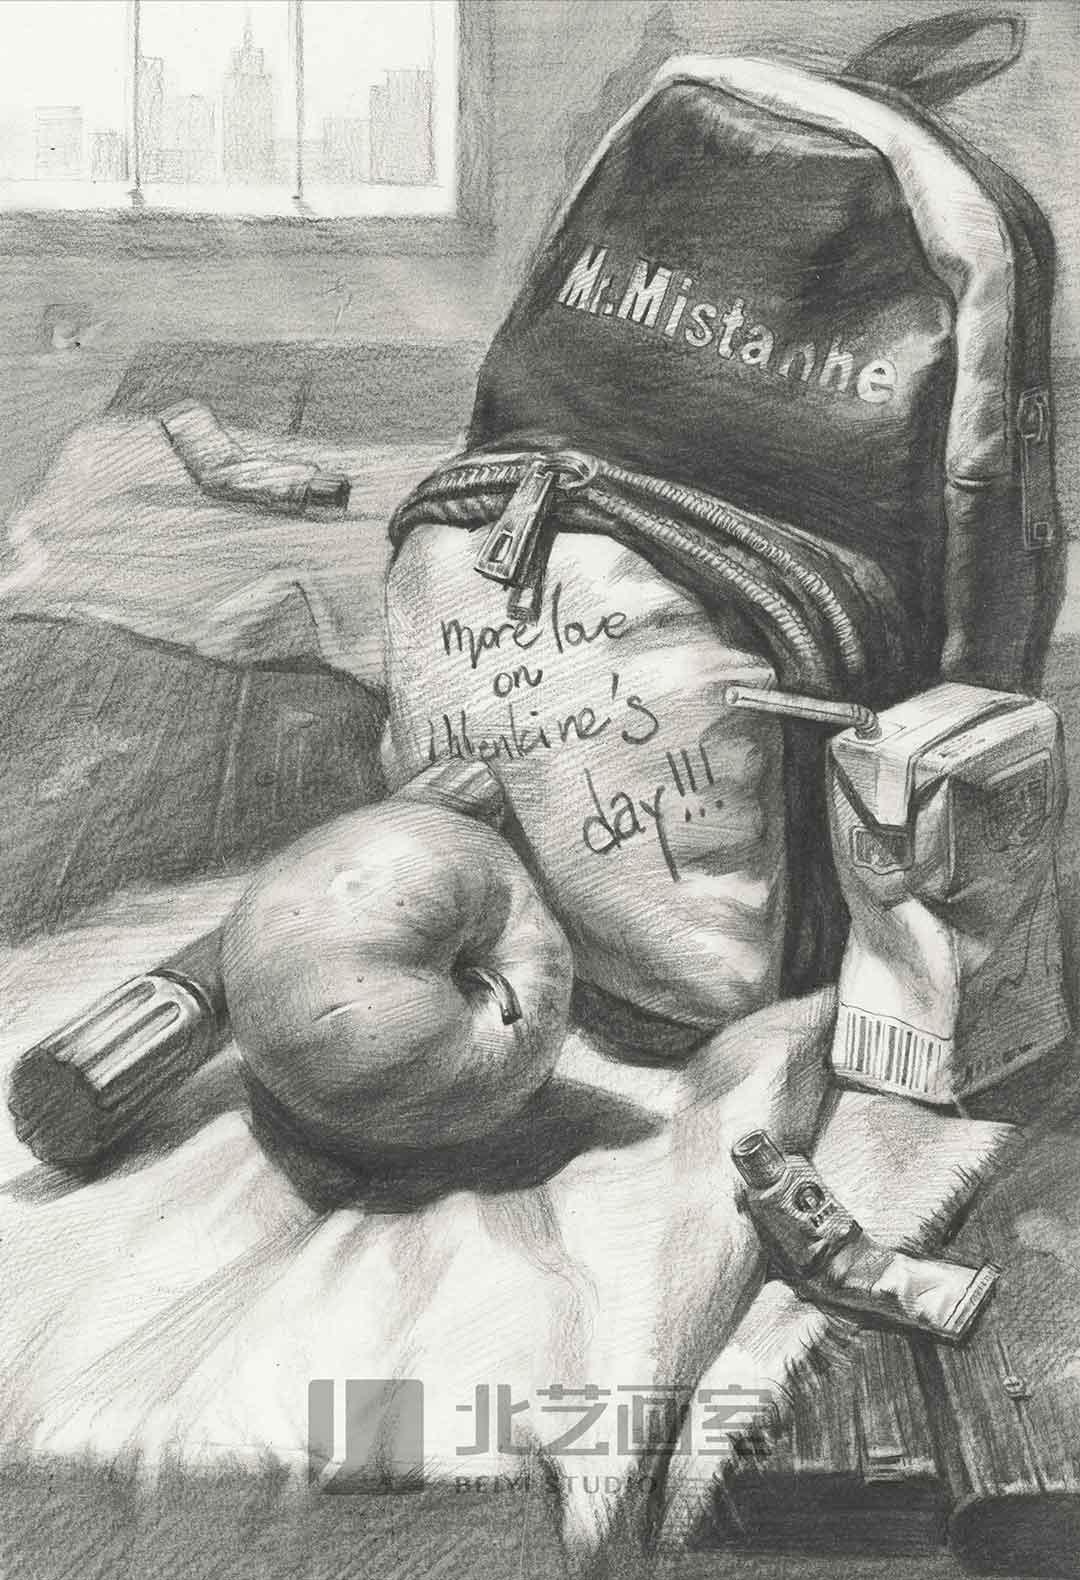 描静物组合作品赏析——书包、牛奶、鞋油、水果